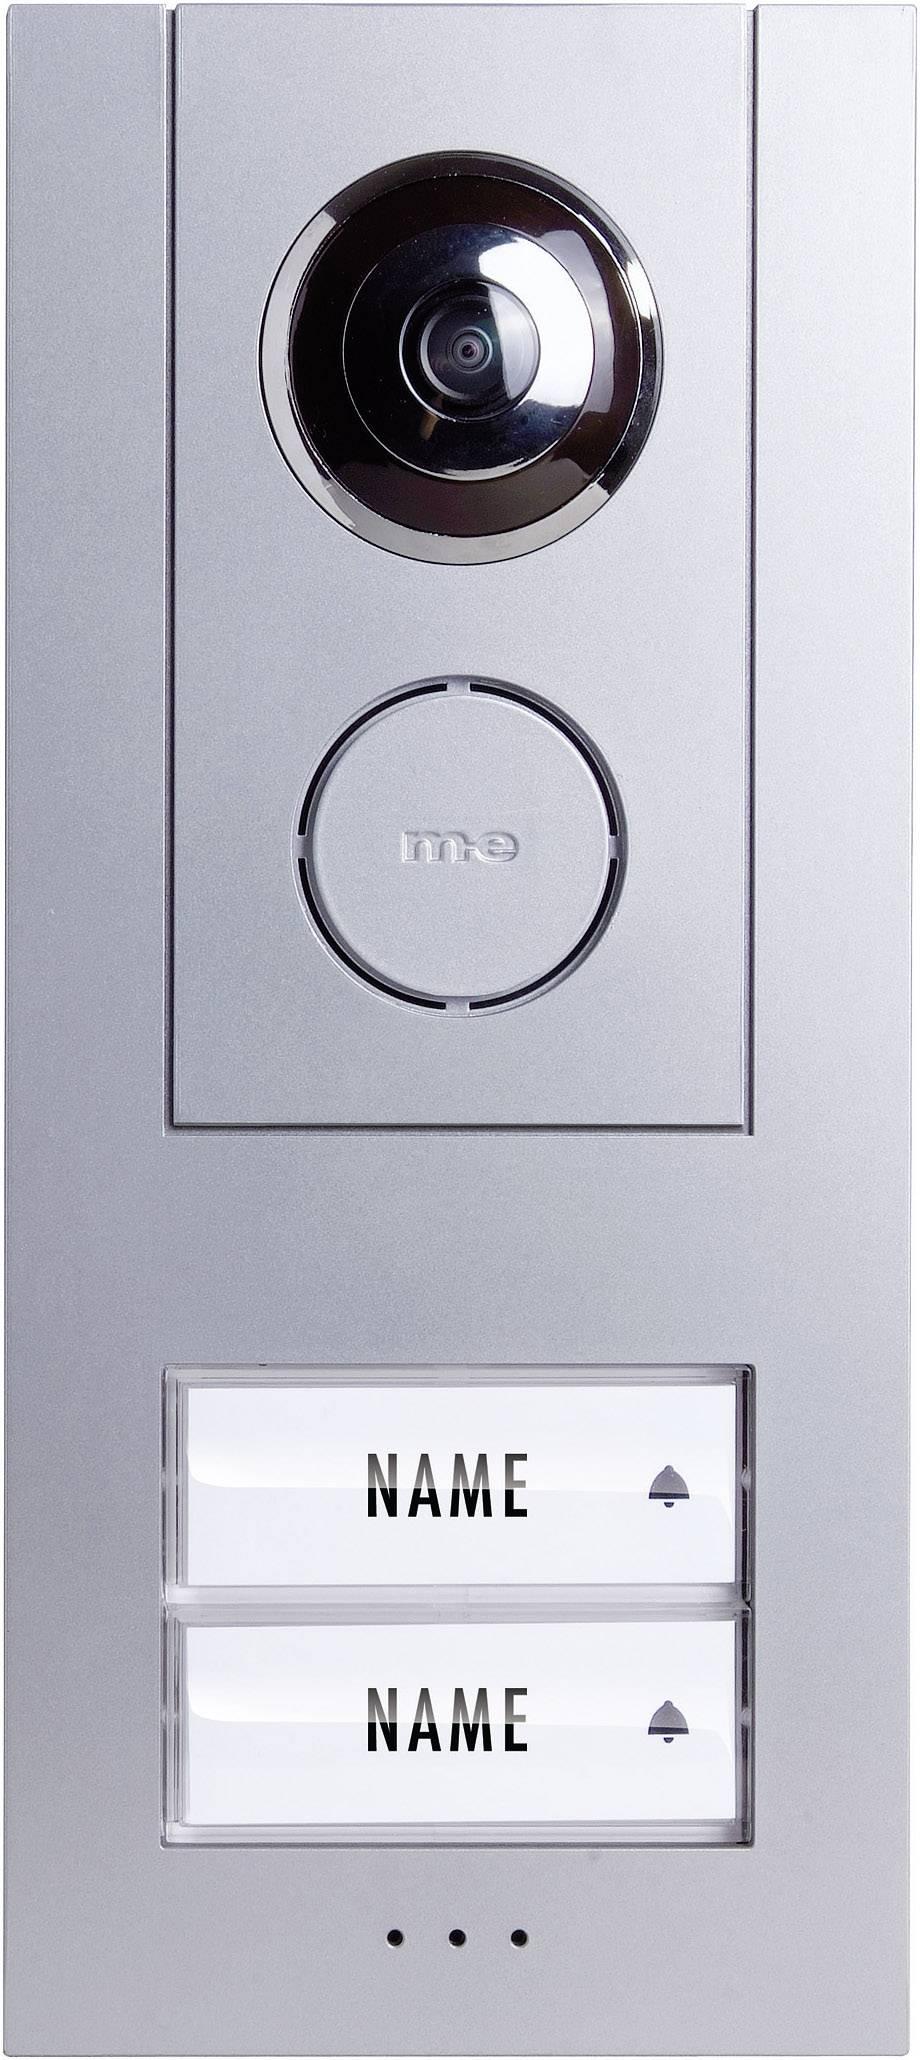 Káblový video dverový telefón m-e modern-electronics VISTUS VD ALU 620, vonkajšia jednotka, strieborná